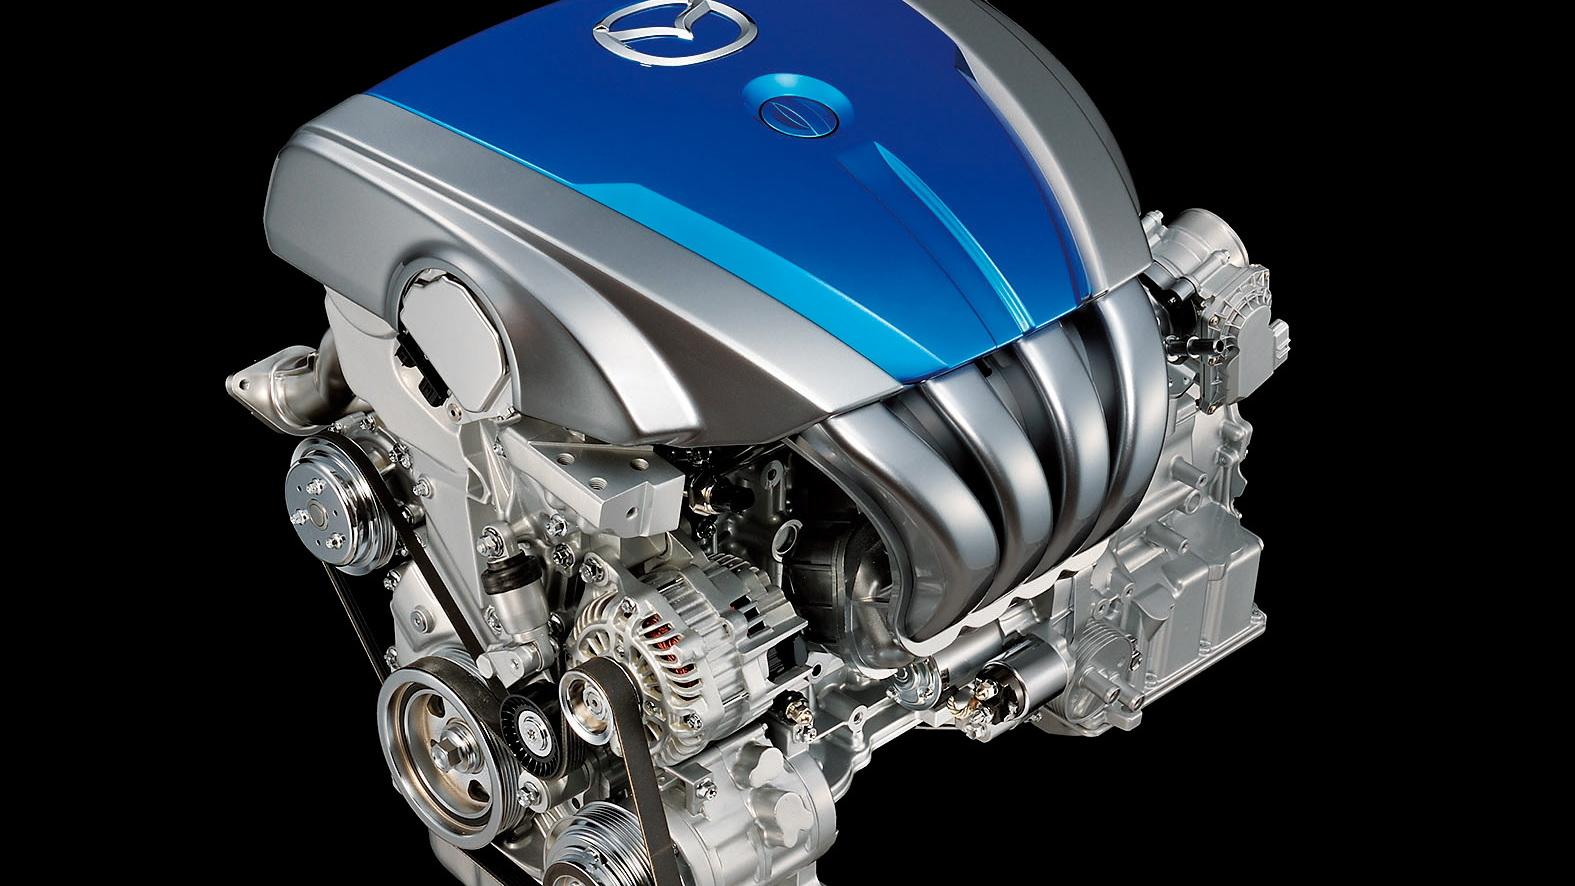 Mazda SKY-D diesel four-cylinder engine